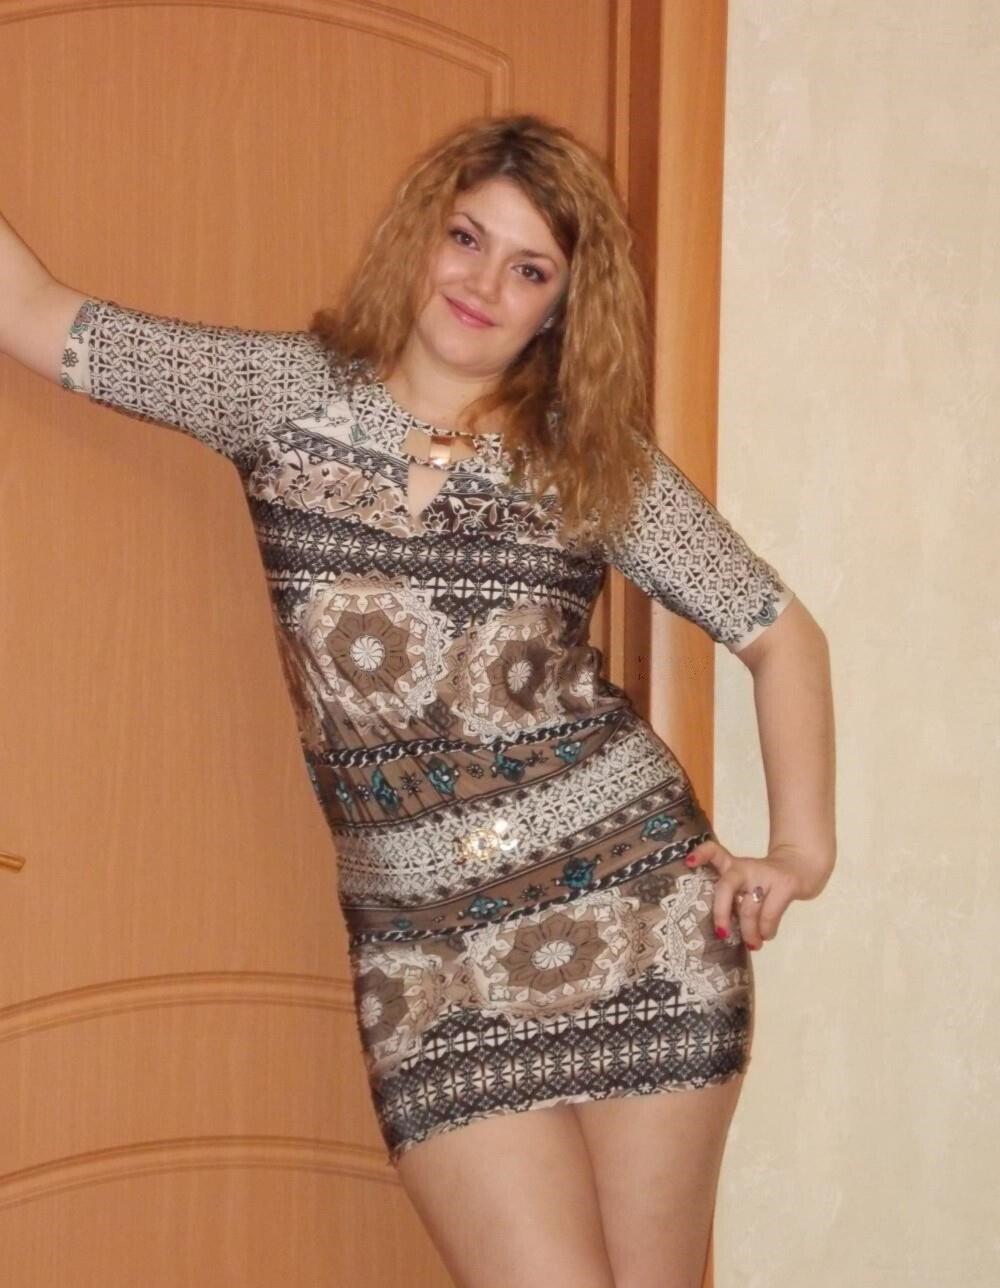 Индивидуалка даша тюмень кавказец и проститутка